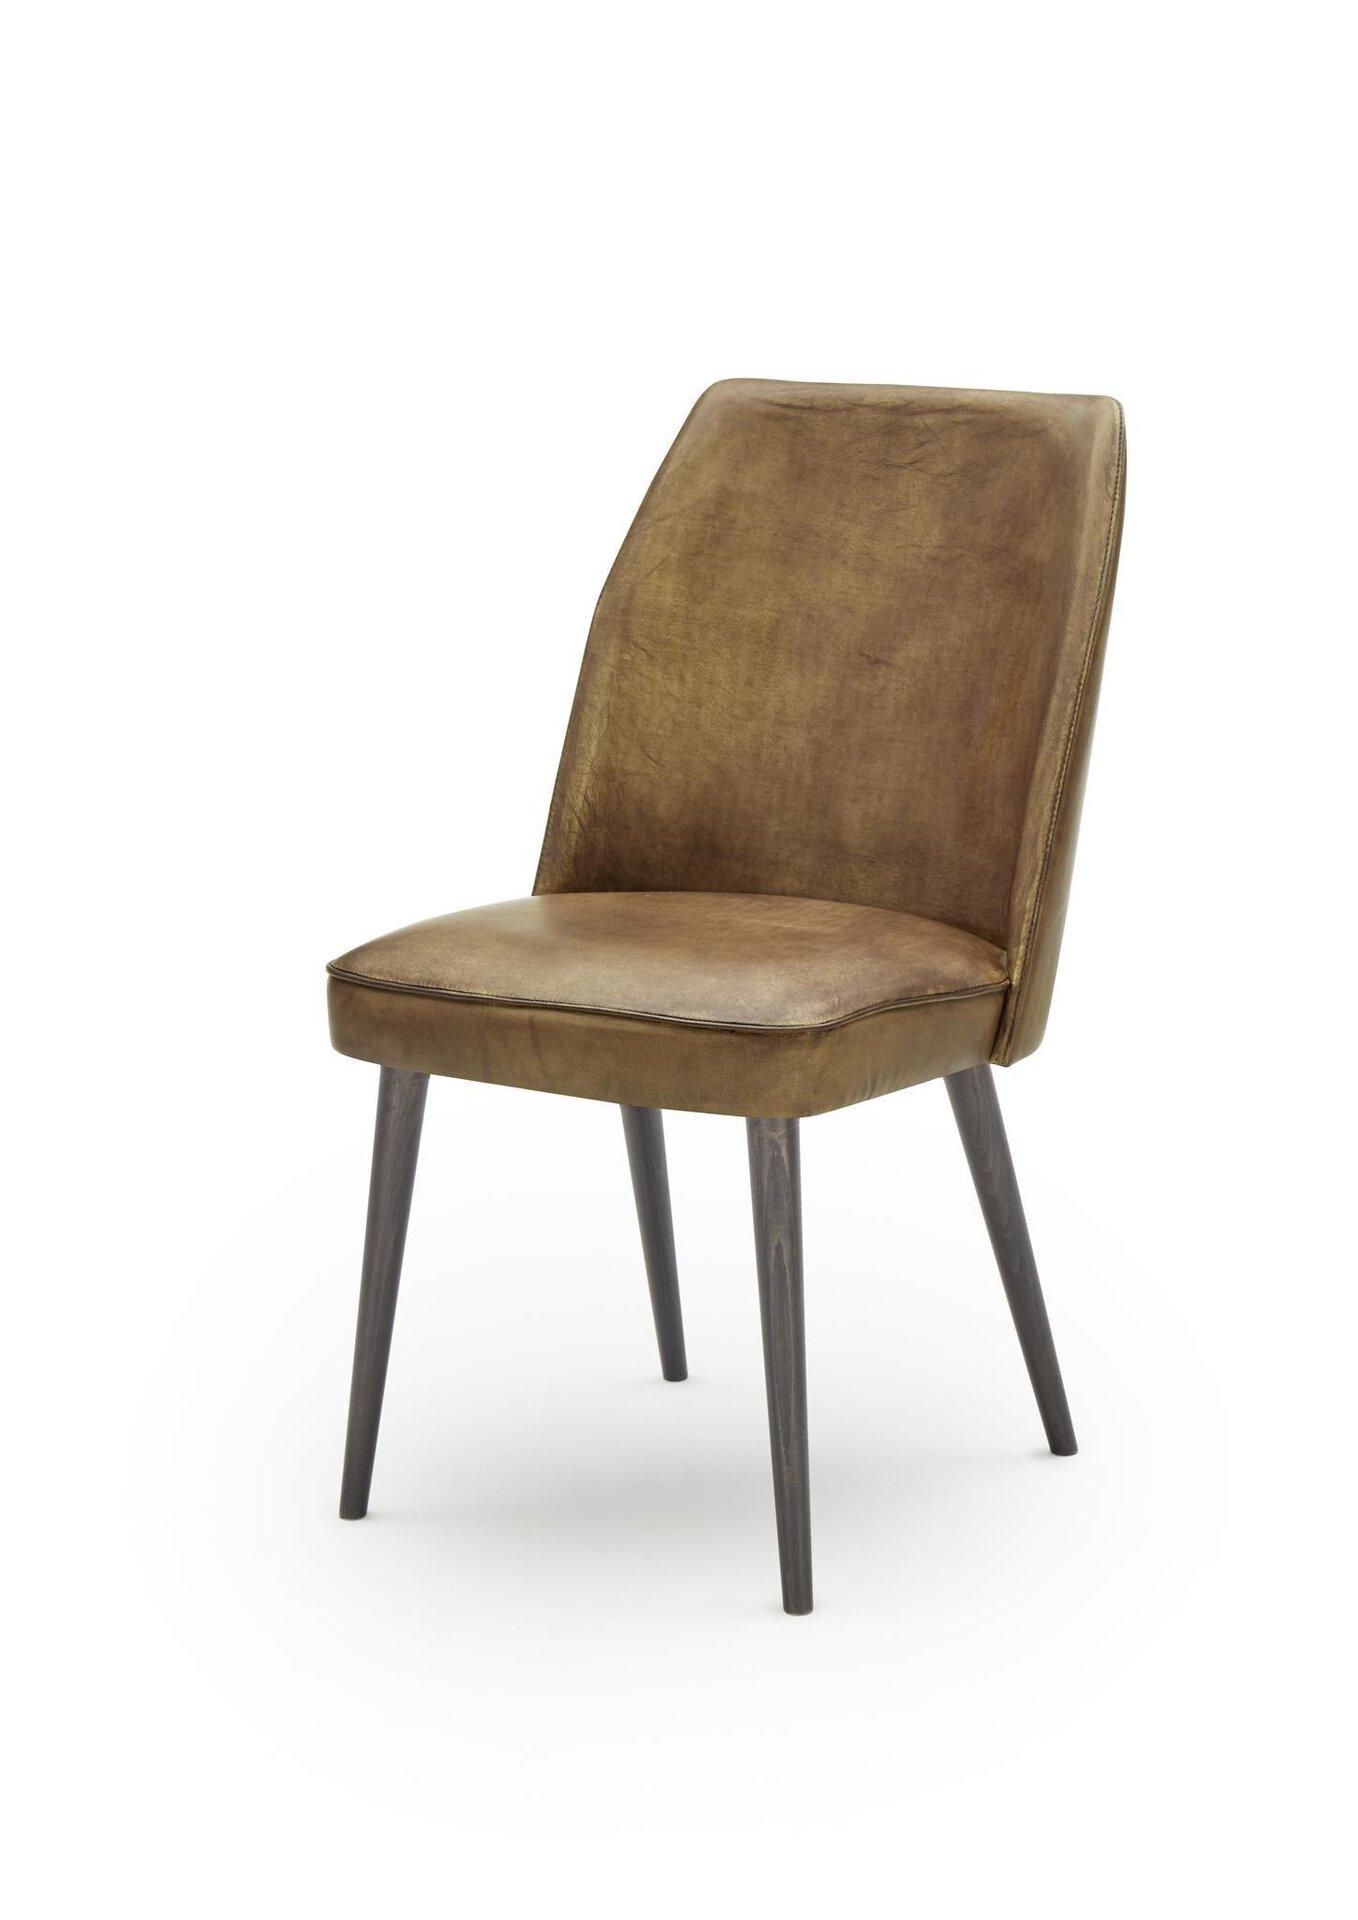 4-Fuß-Stuhl WK7006 Jacky WK Wohnen Edition Leder braun 58 x 88 x 50 cm